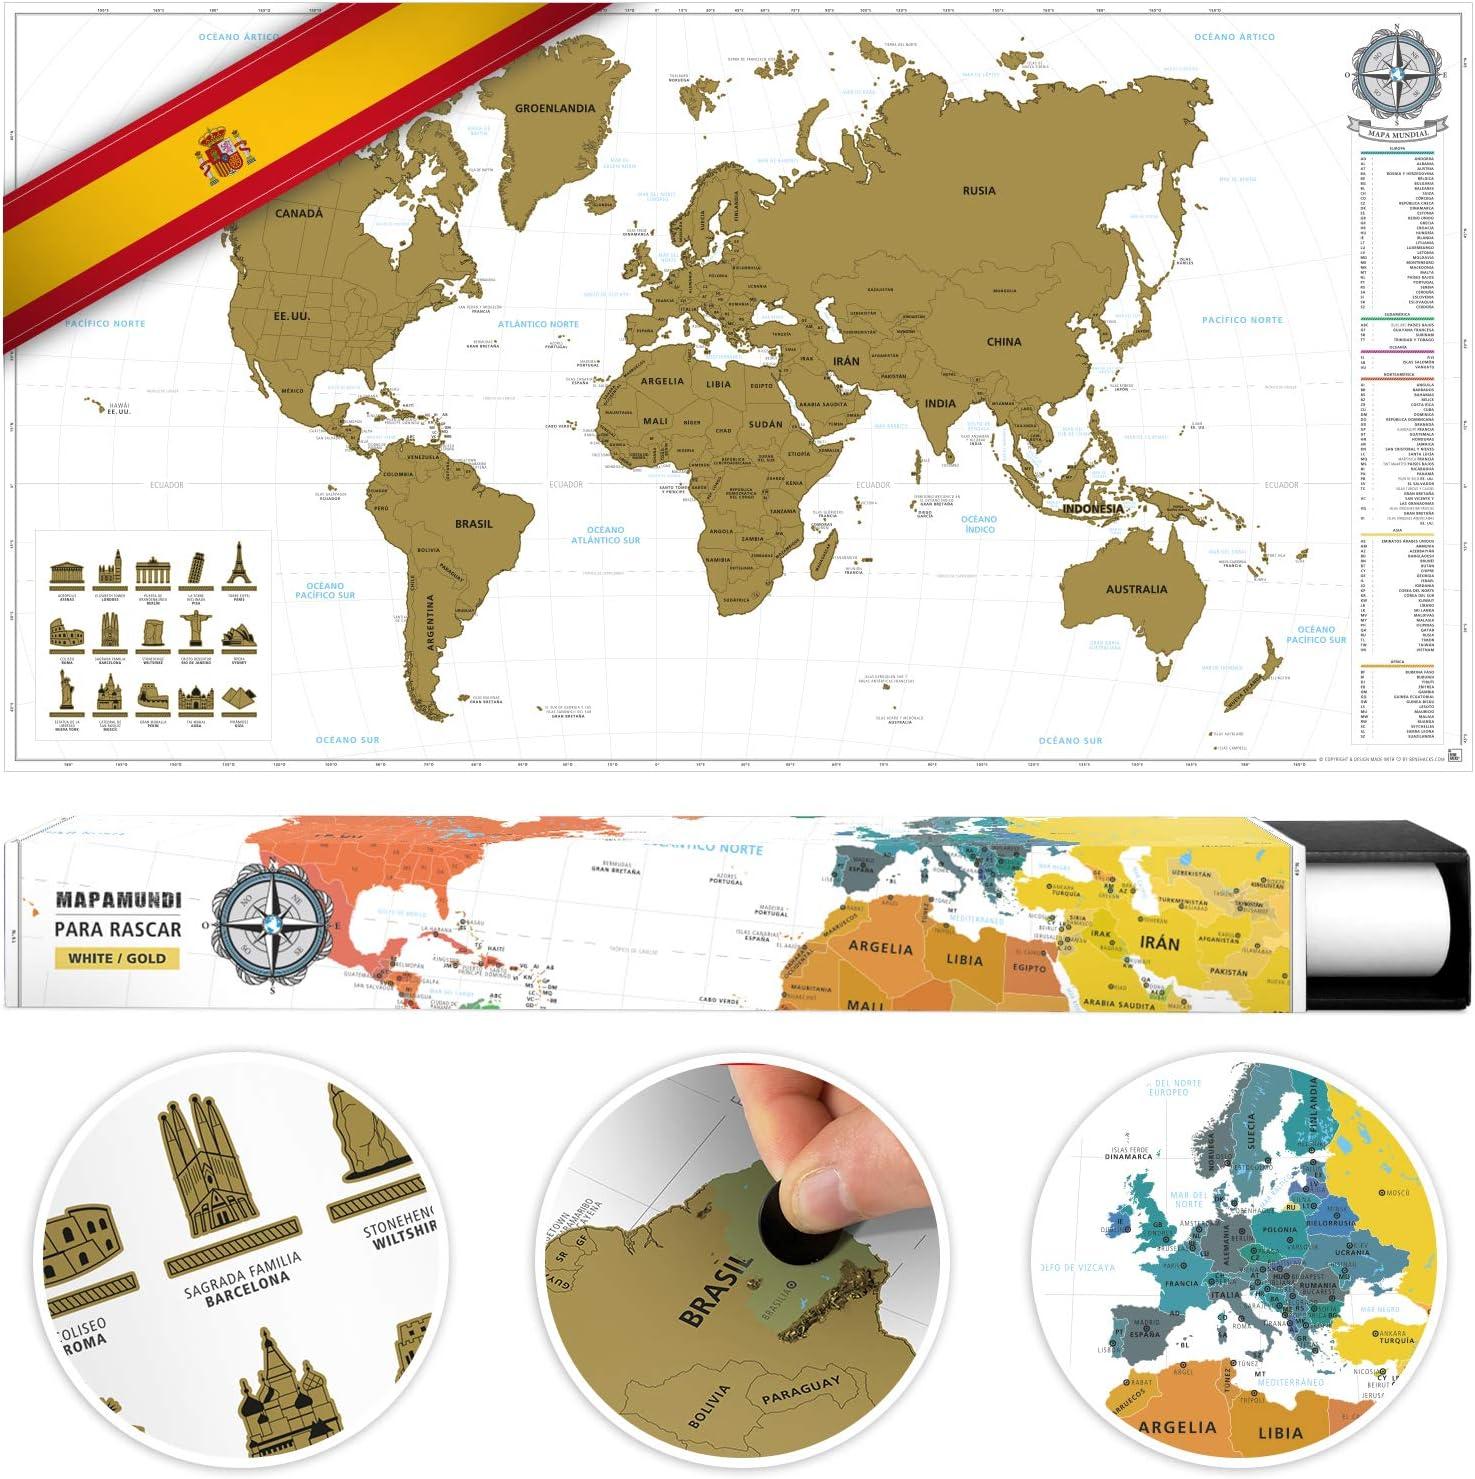 benehacks Mapa del Mundo en ESPAÑOL Tipo póster para rascar SIGA Sus Aventuras de Viaje en un Mapa detallado del Mundo - Mapamundi Oro/Blanco - 84 x 44 cm: Amazon.es: Juguetes y juegos